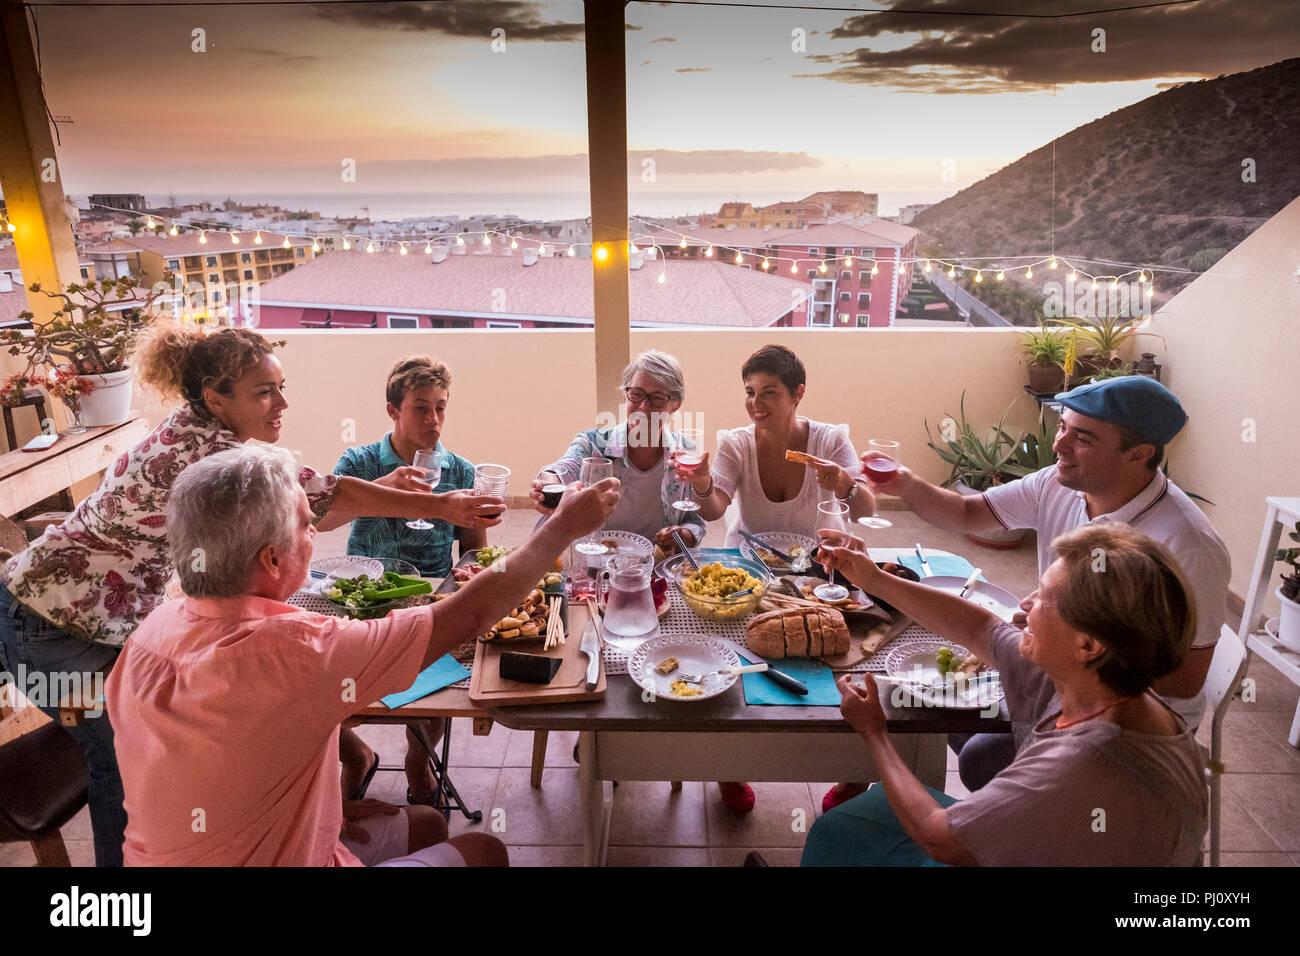 Grupo de amigos y padres en casa cenan juntos y el tintineo o gafas con bebidas. Todos sonrientes y divertirse celebrando happ en amistad. Imagen De Stock